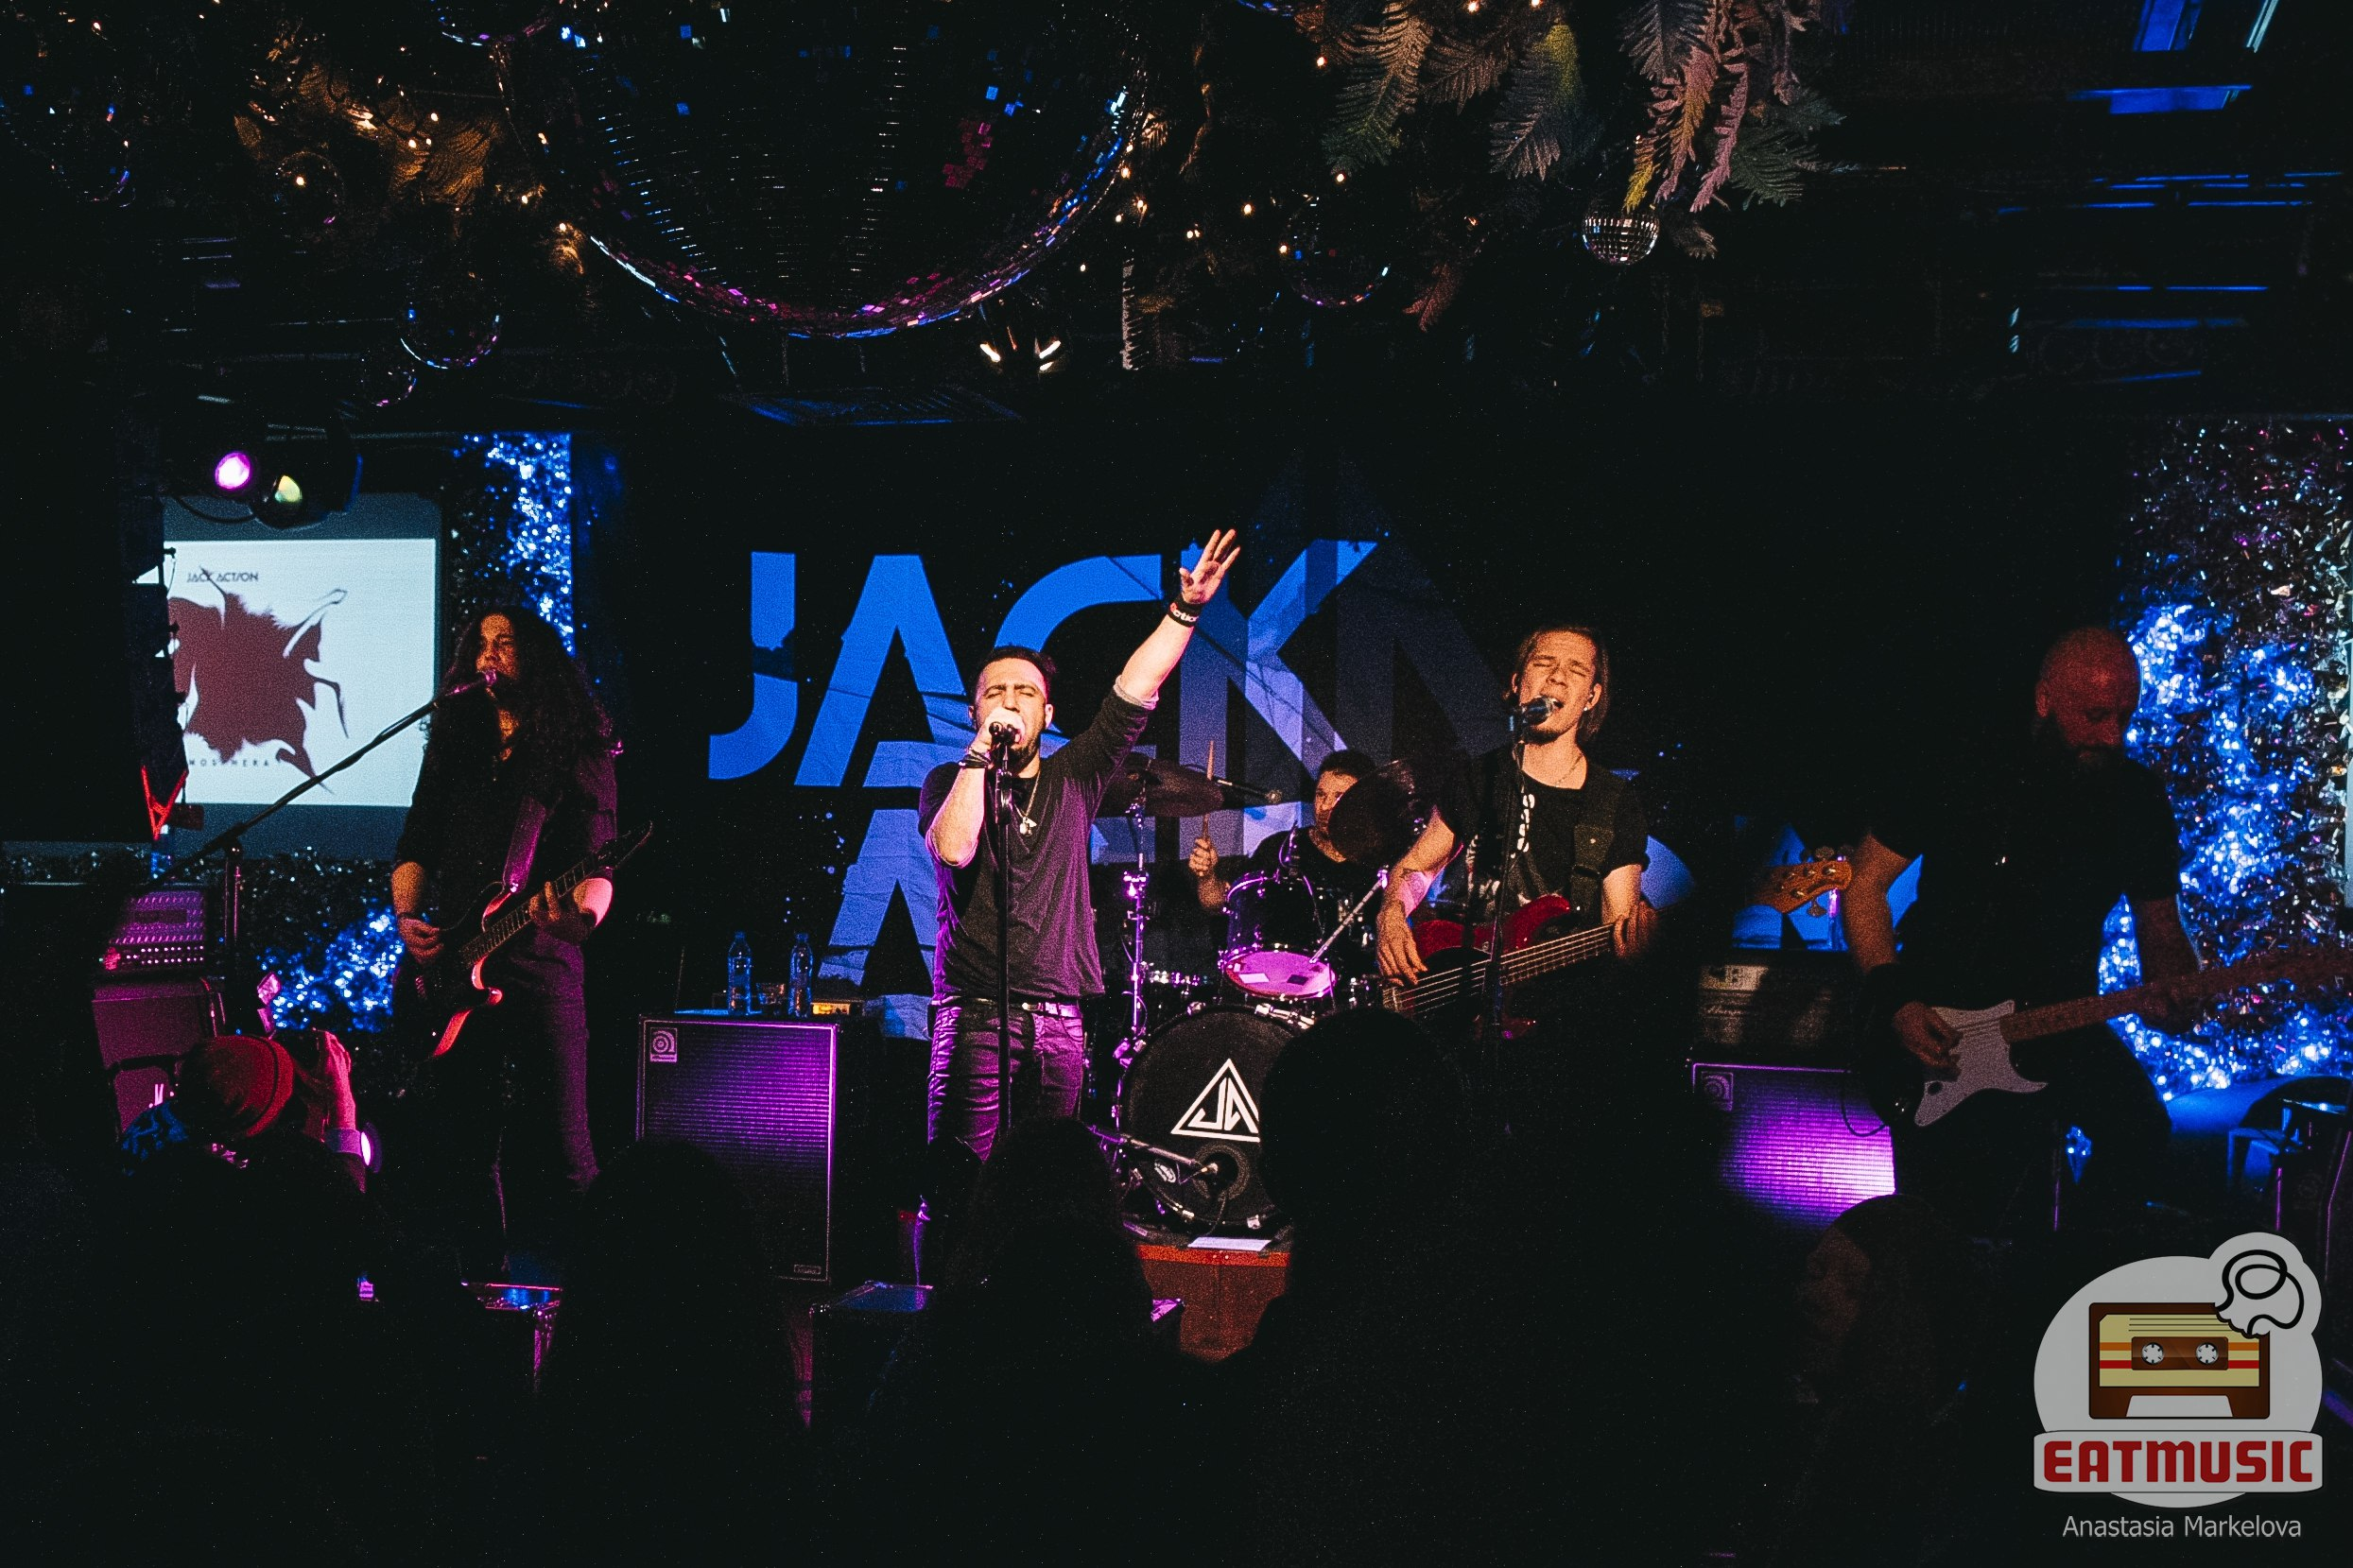 Концерт Jack Action в 16 Тонн